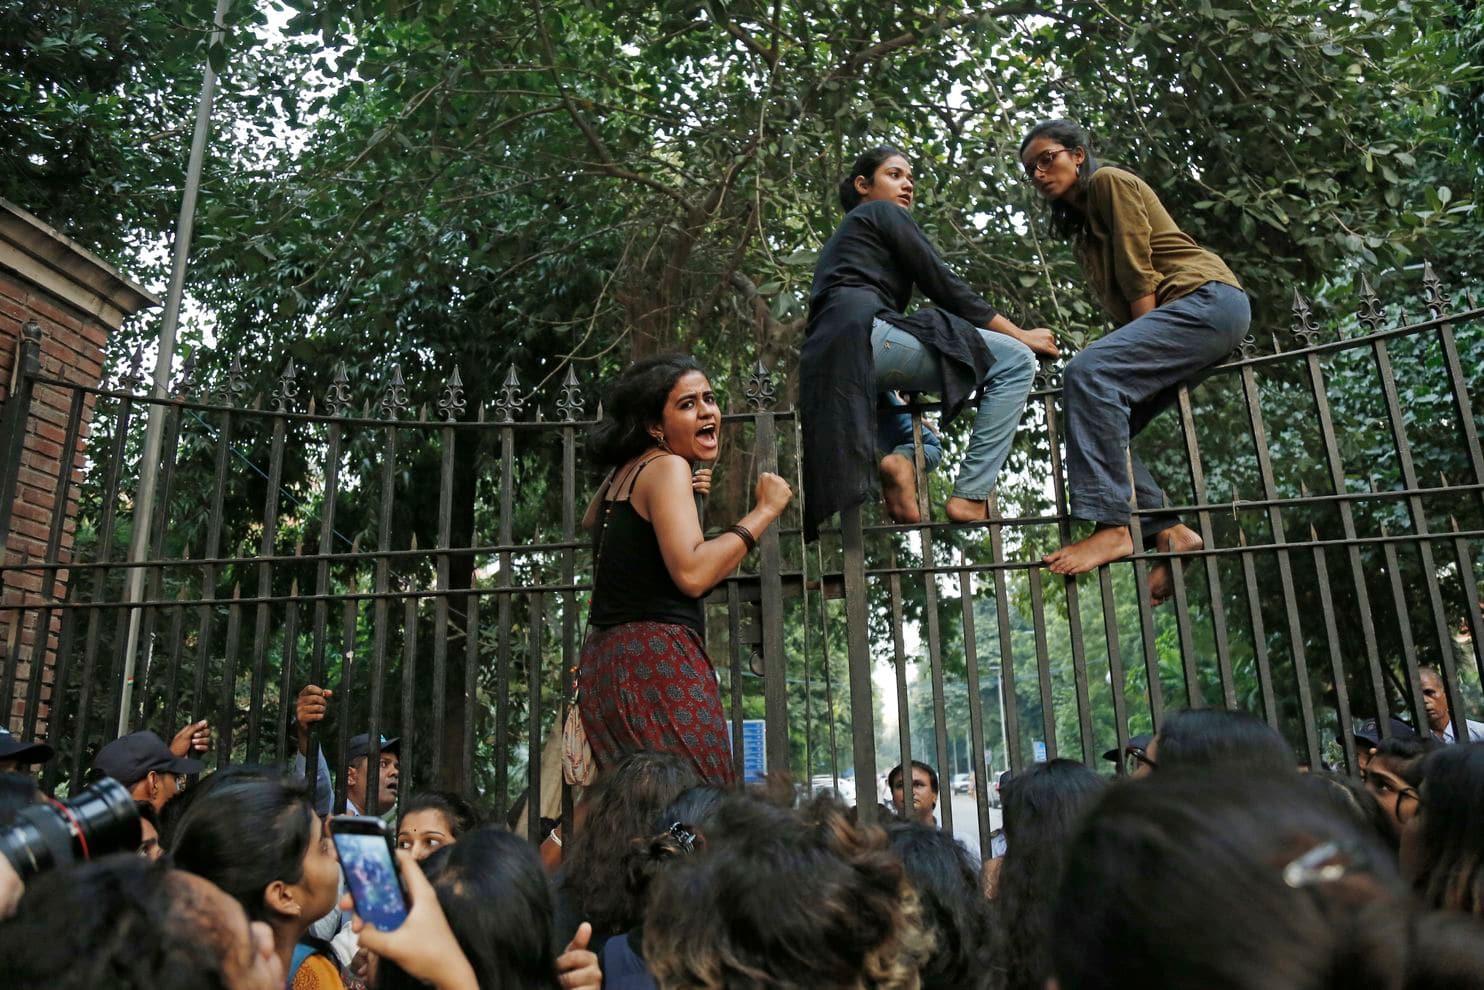 लड़कियों ने 'पिंजरा तोड़' अभियान से उस अंधेरे को दूर किया जिसमें खो रही थी उनकी आजादी